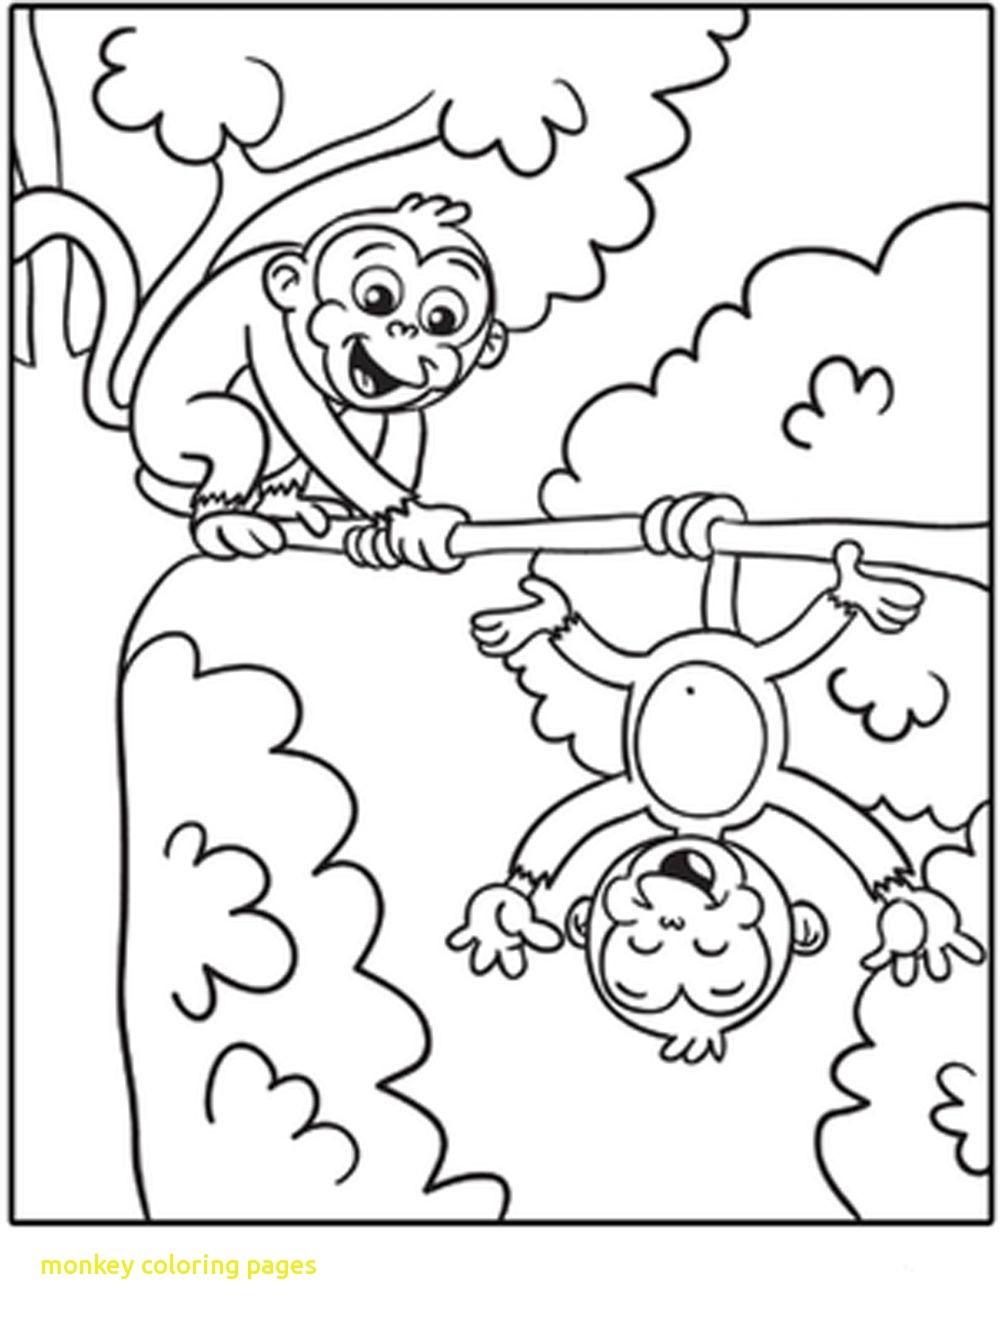 1000x1322 Printable Monkey Coloring Pages Preschool Monkeys Best Of Best